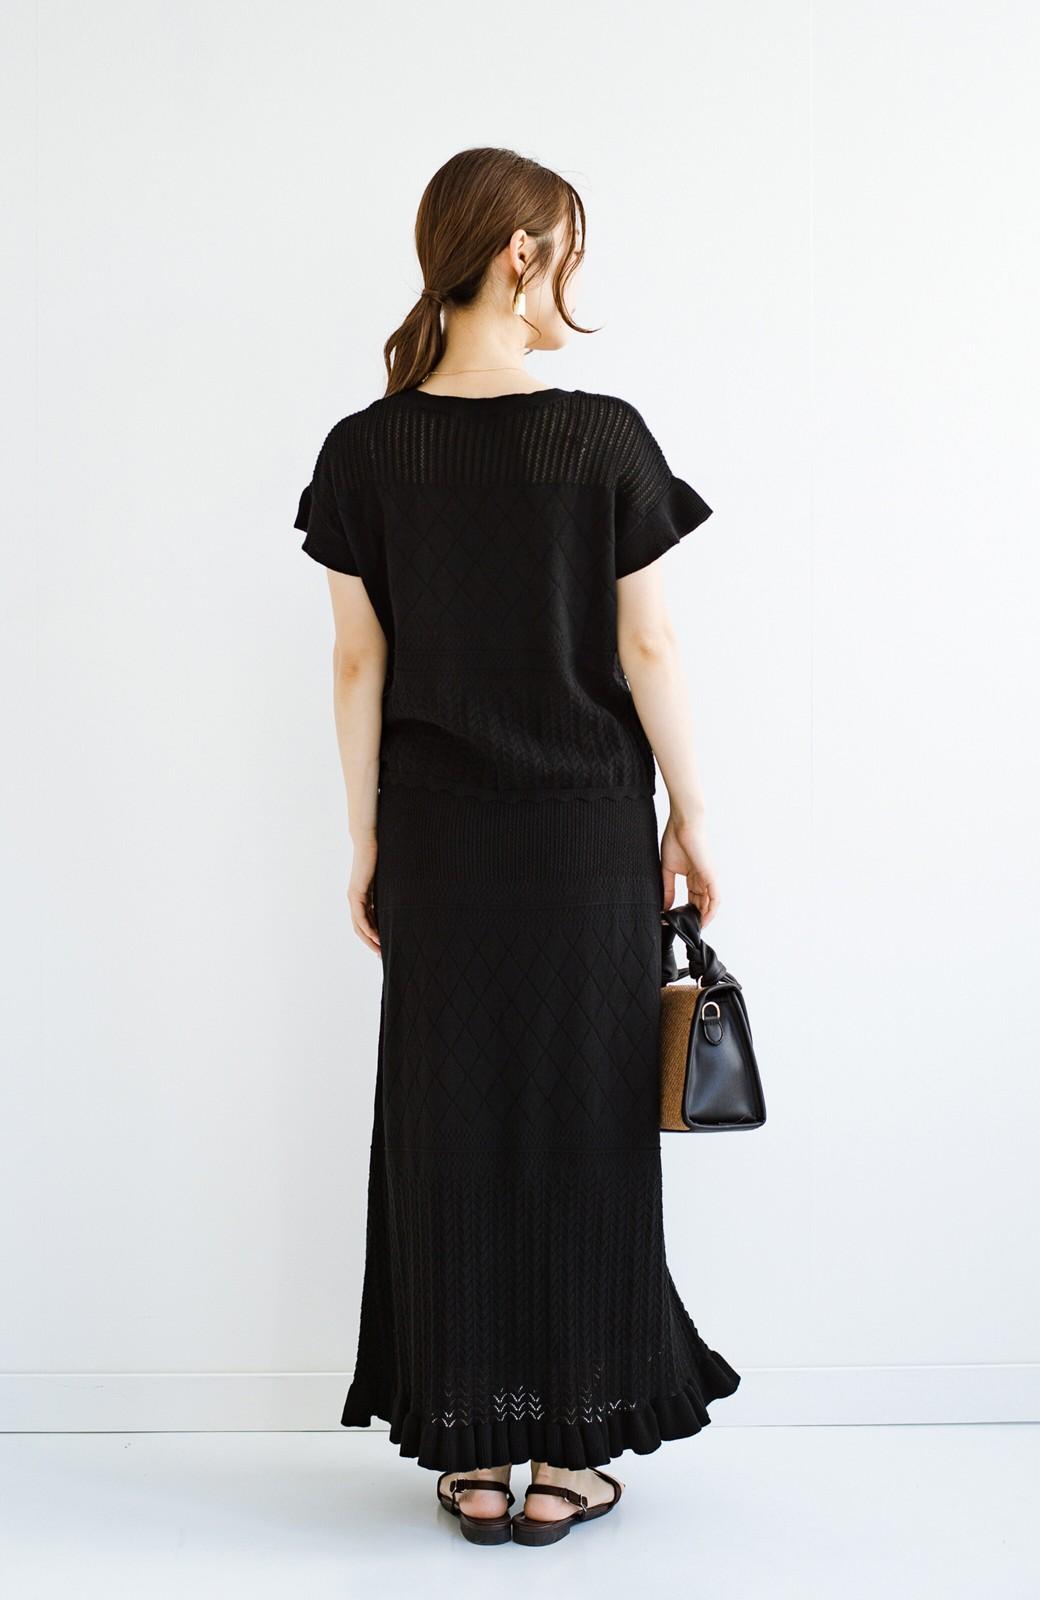 haco! (φ)透けすぎないから安心して着られる 華やか透かし編みニットトップス <ブラック>の商品写真17